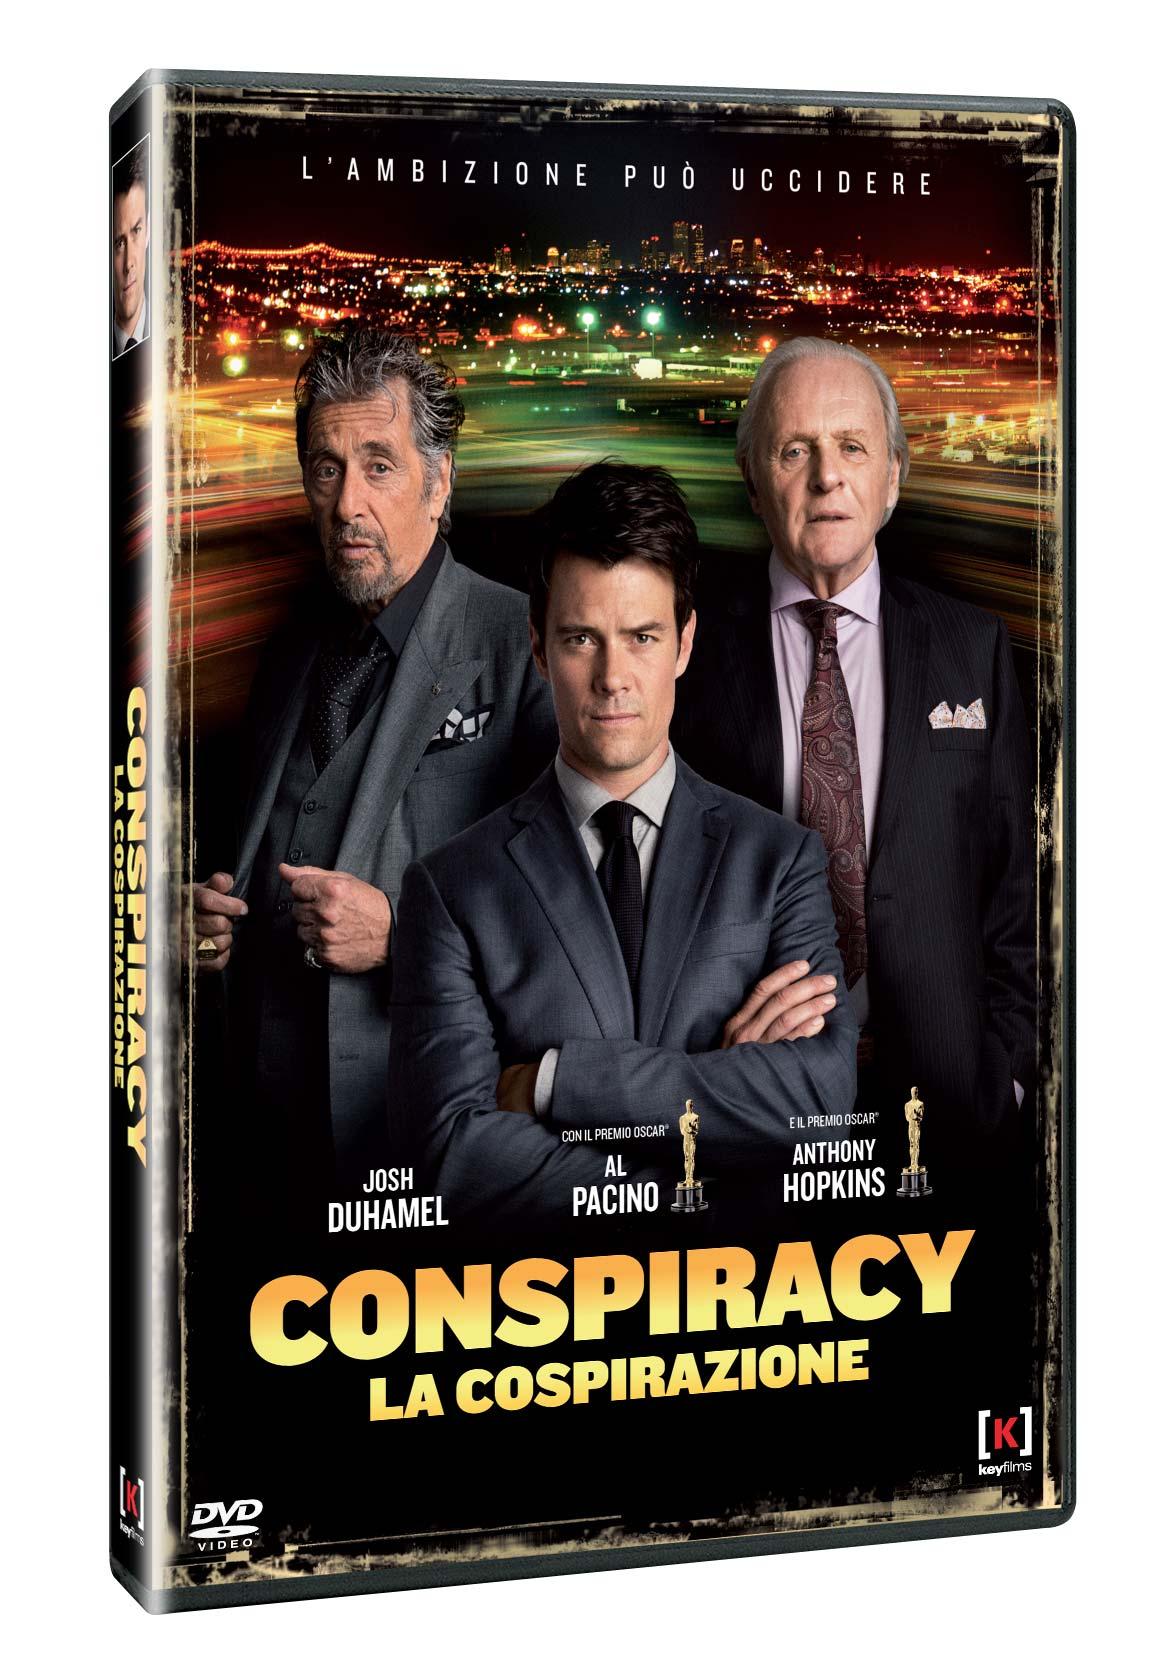 CONSPIRACY - LA COSPIRAZIONE (DVD)